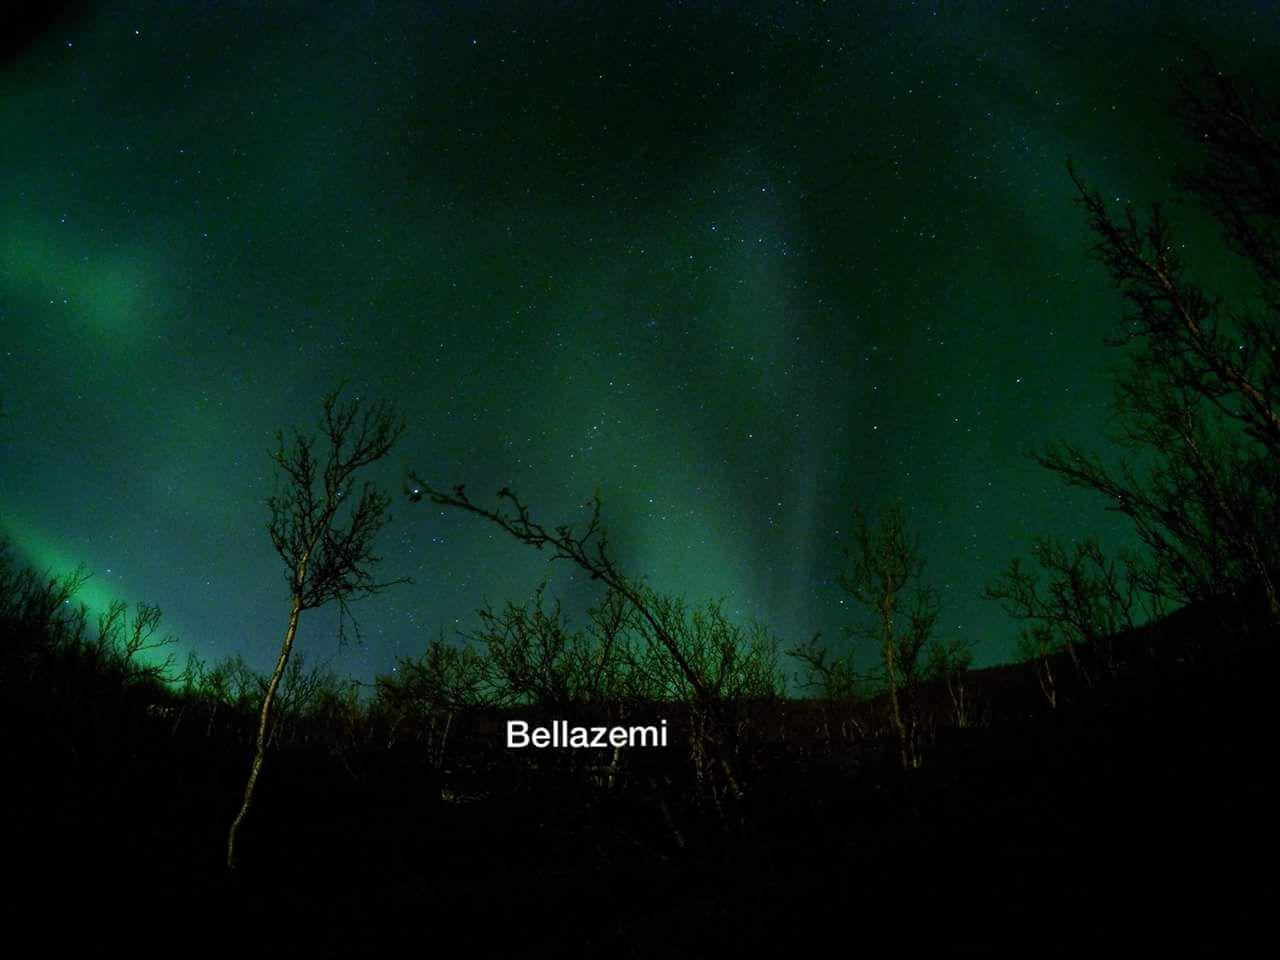 bella-azemi-15